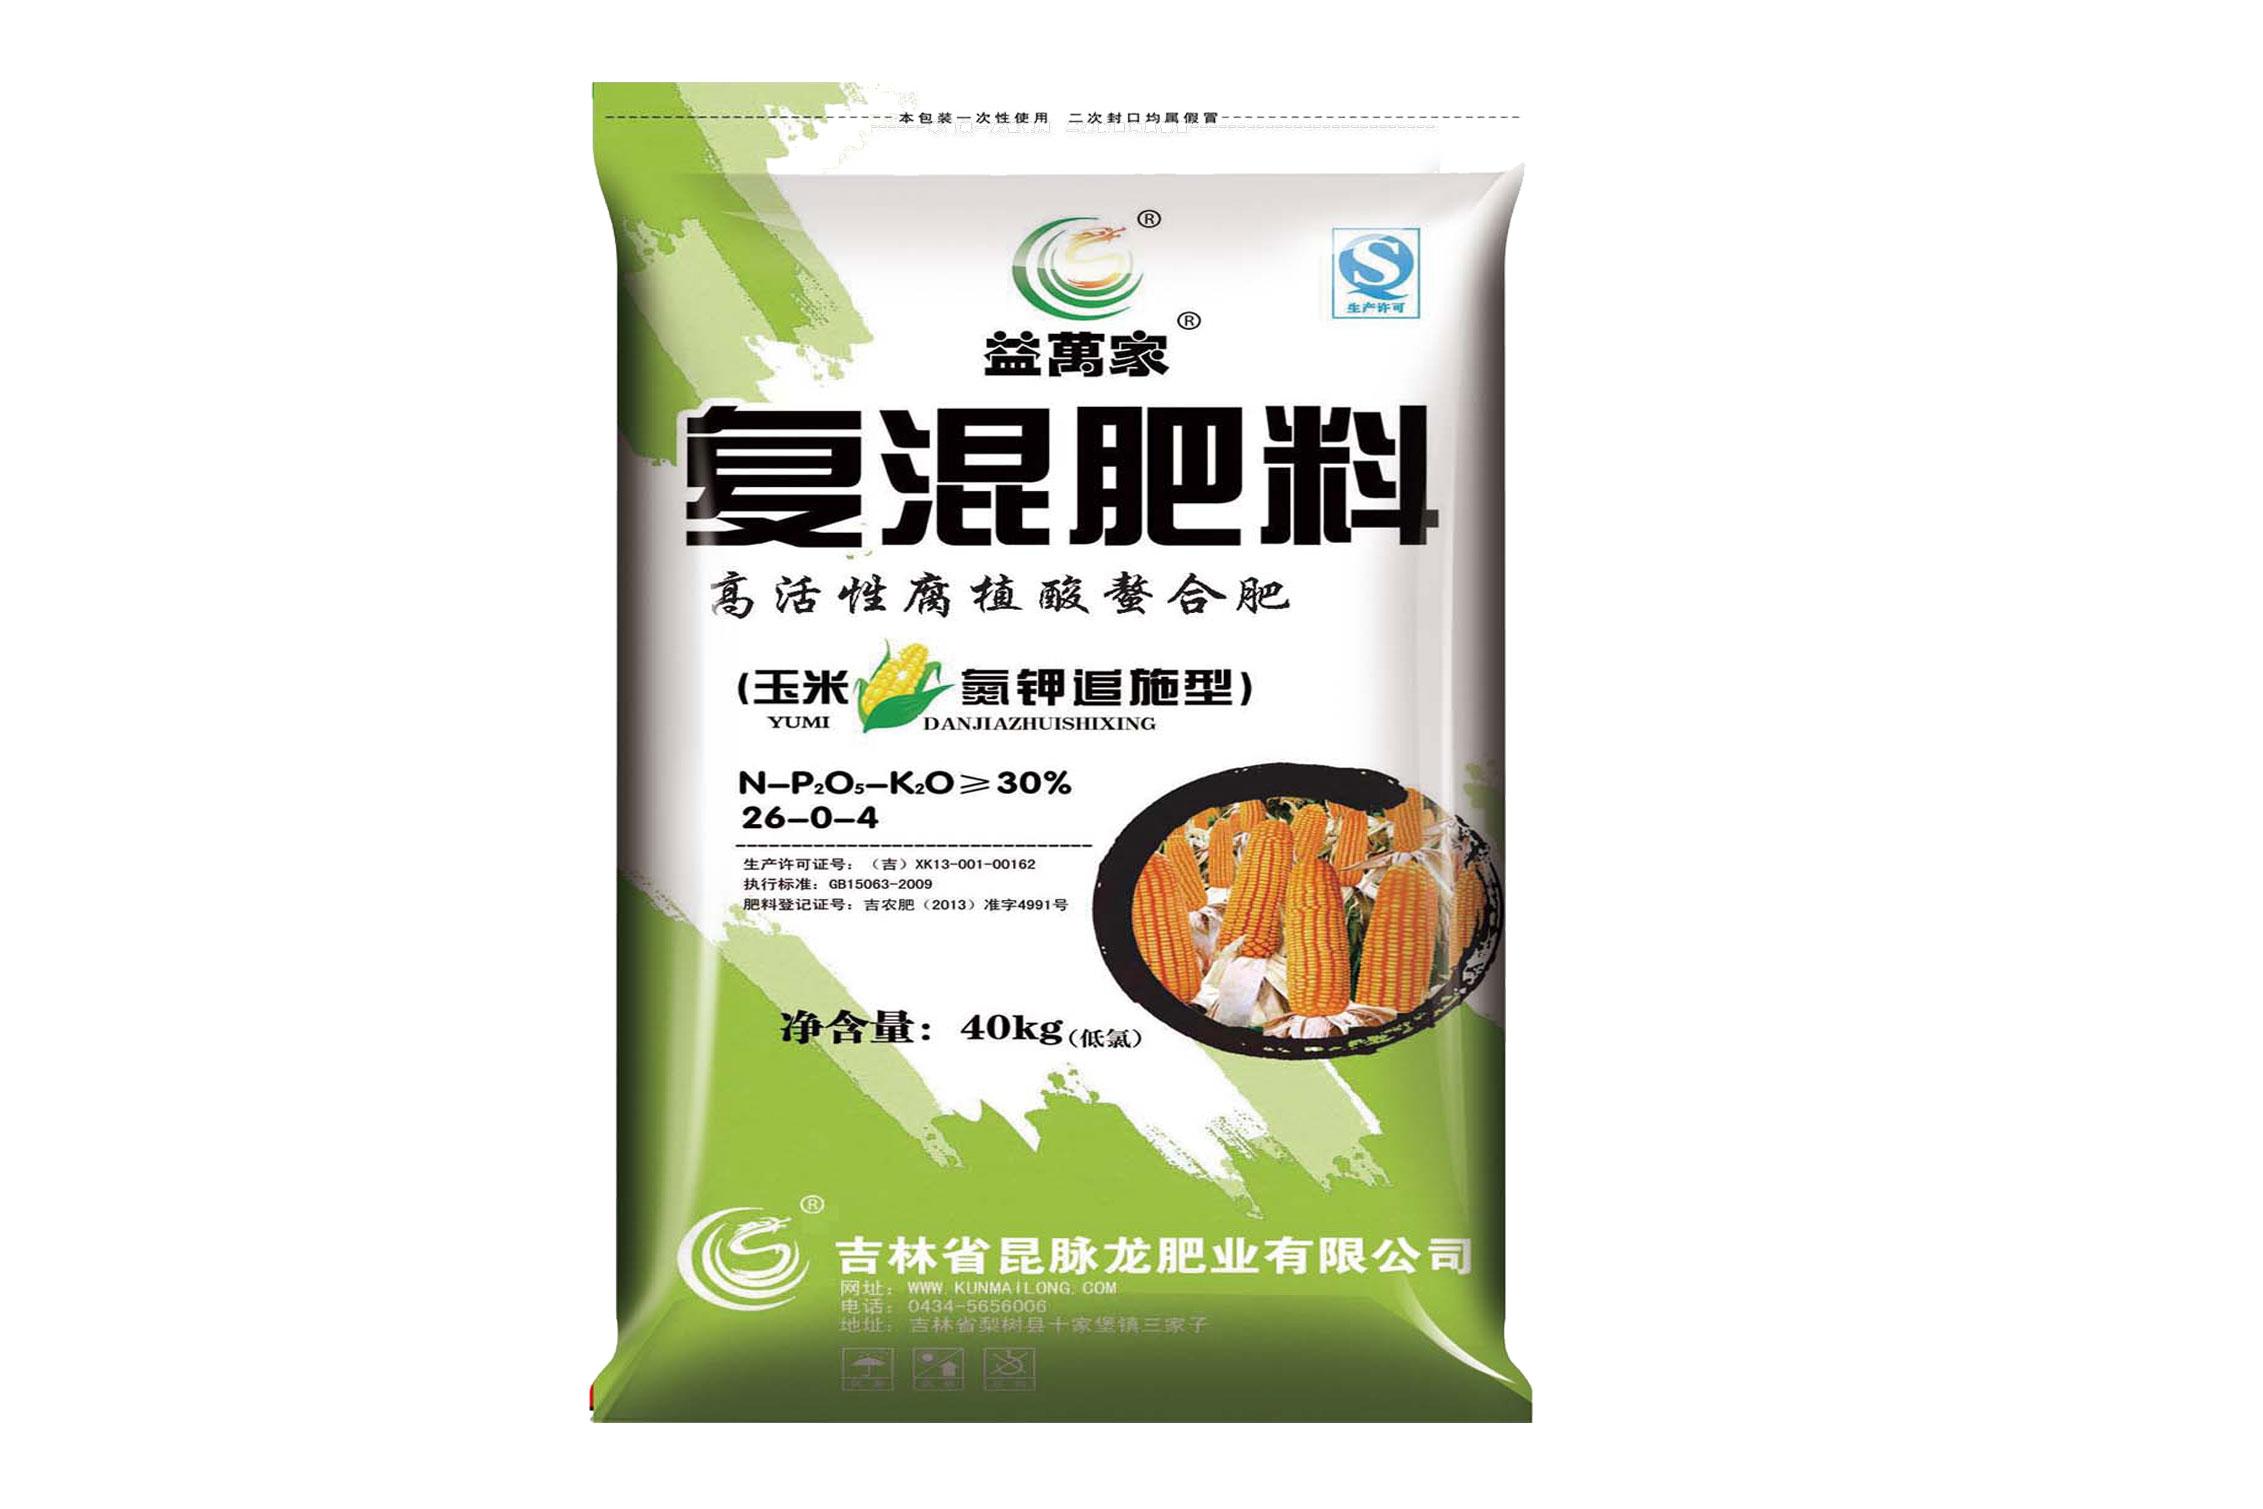 益萬家氮鉀追施肥螯合肥復混肥